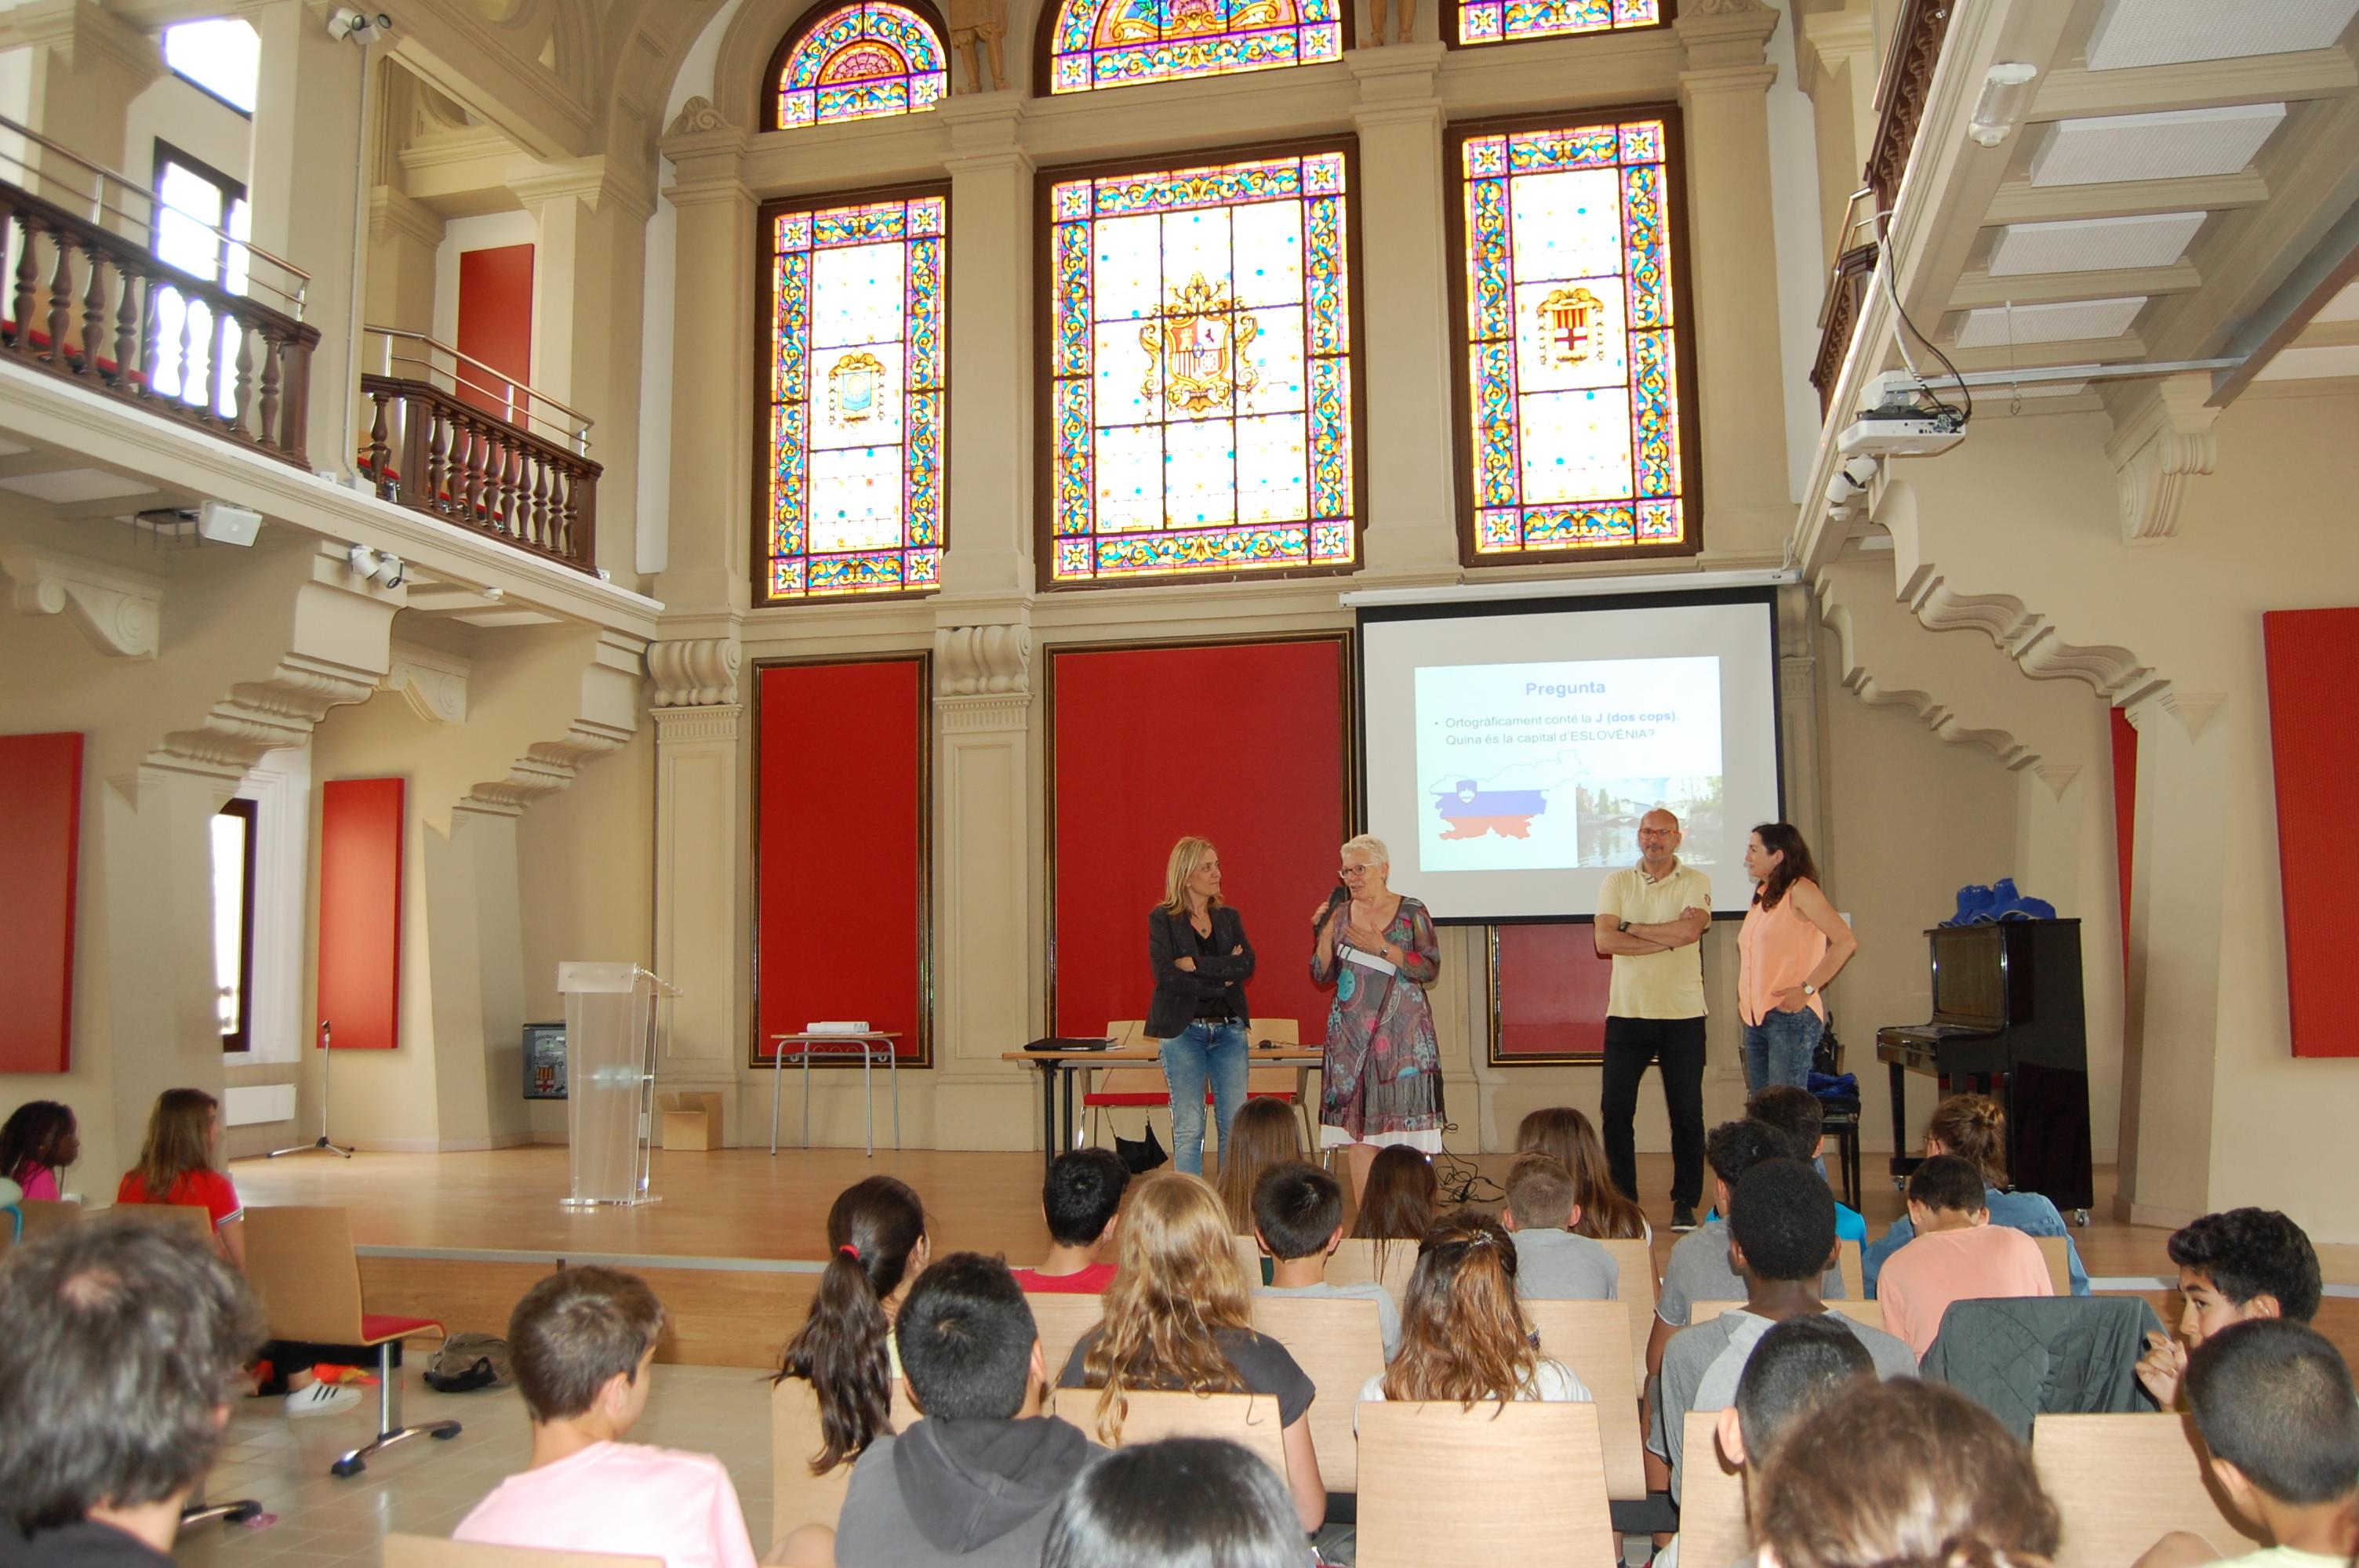 L'Institut Lluís de Peguera ha acollit el joc lúdic Passaparaula sobre la cultura europea